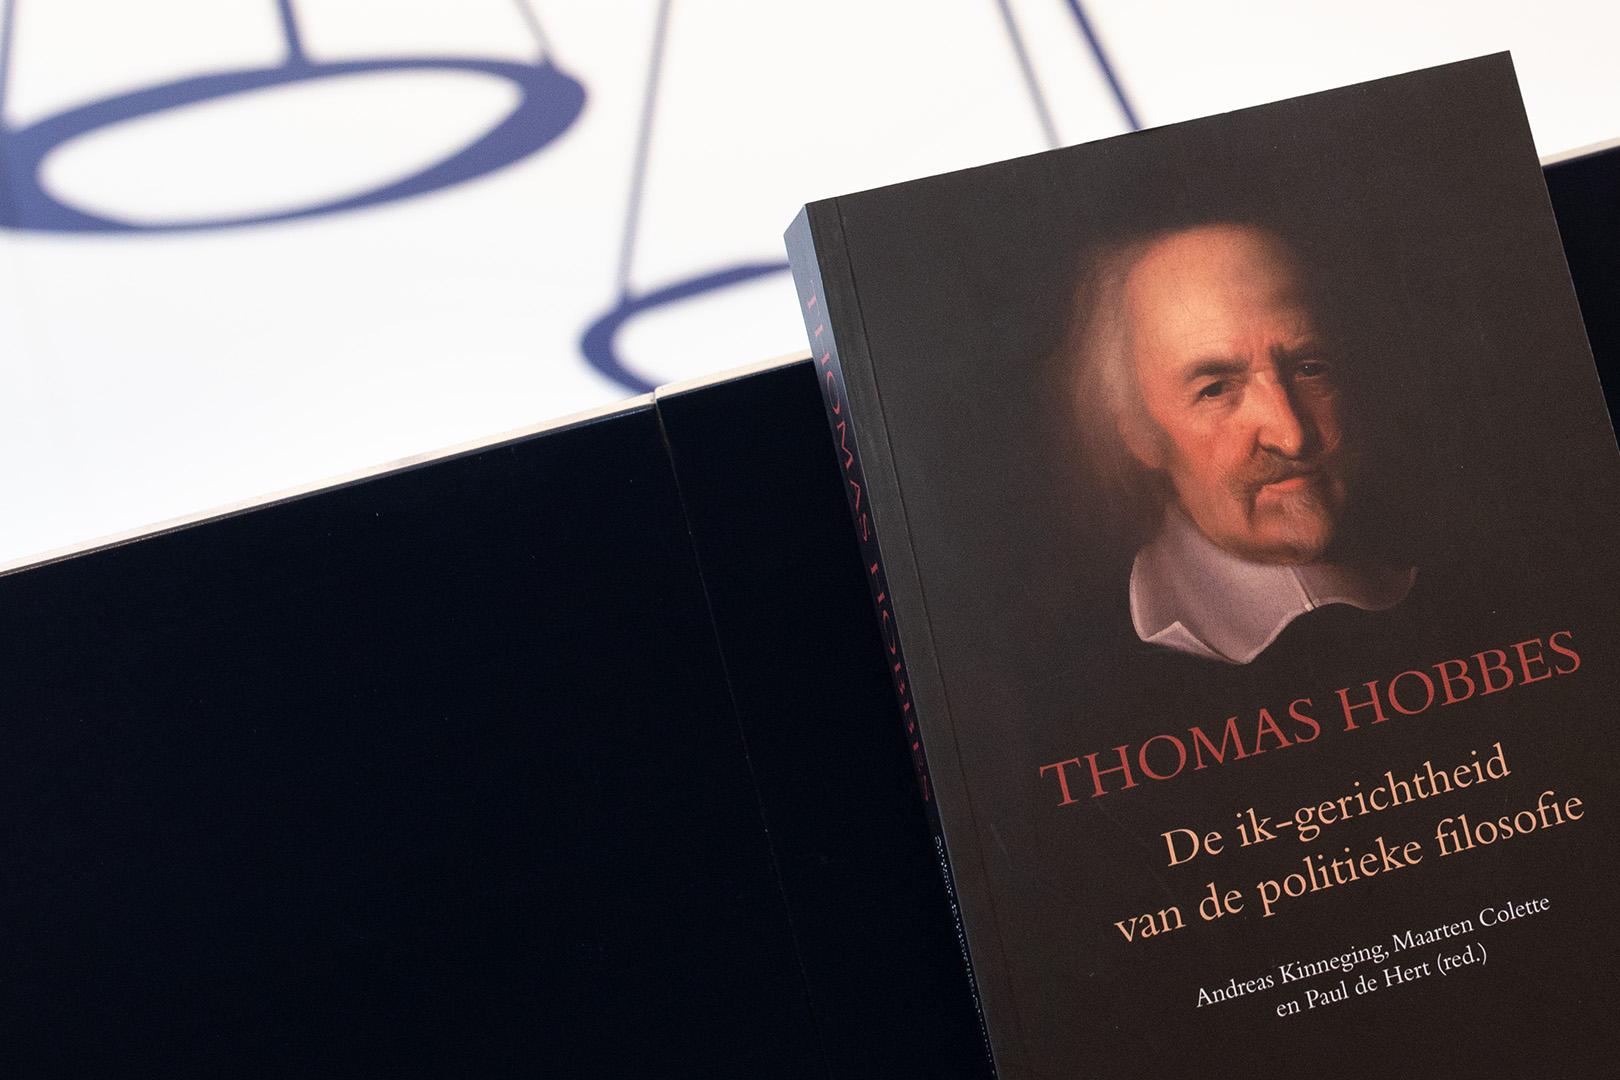 Waarom is Hobbes een moderne denker?